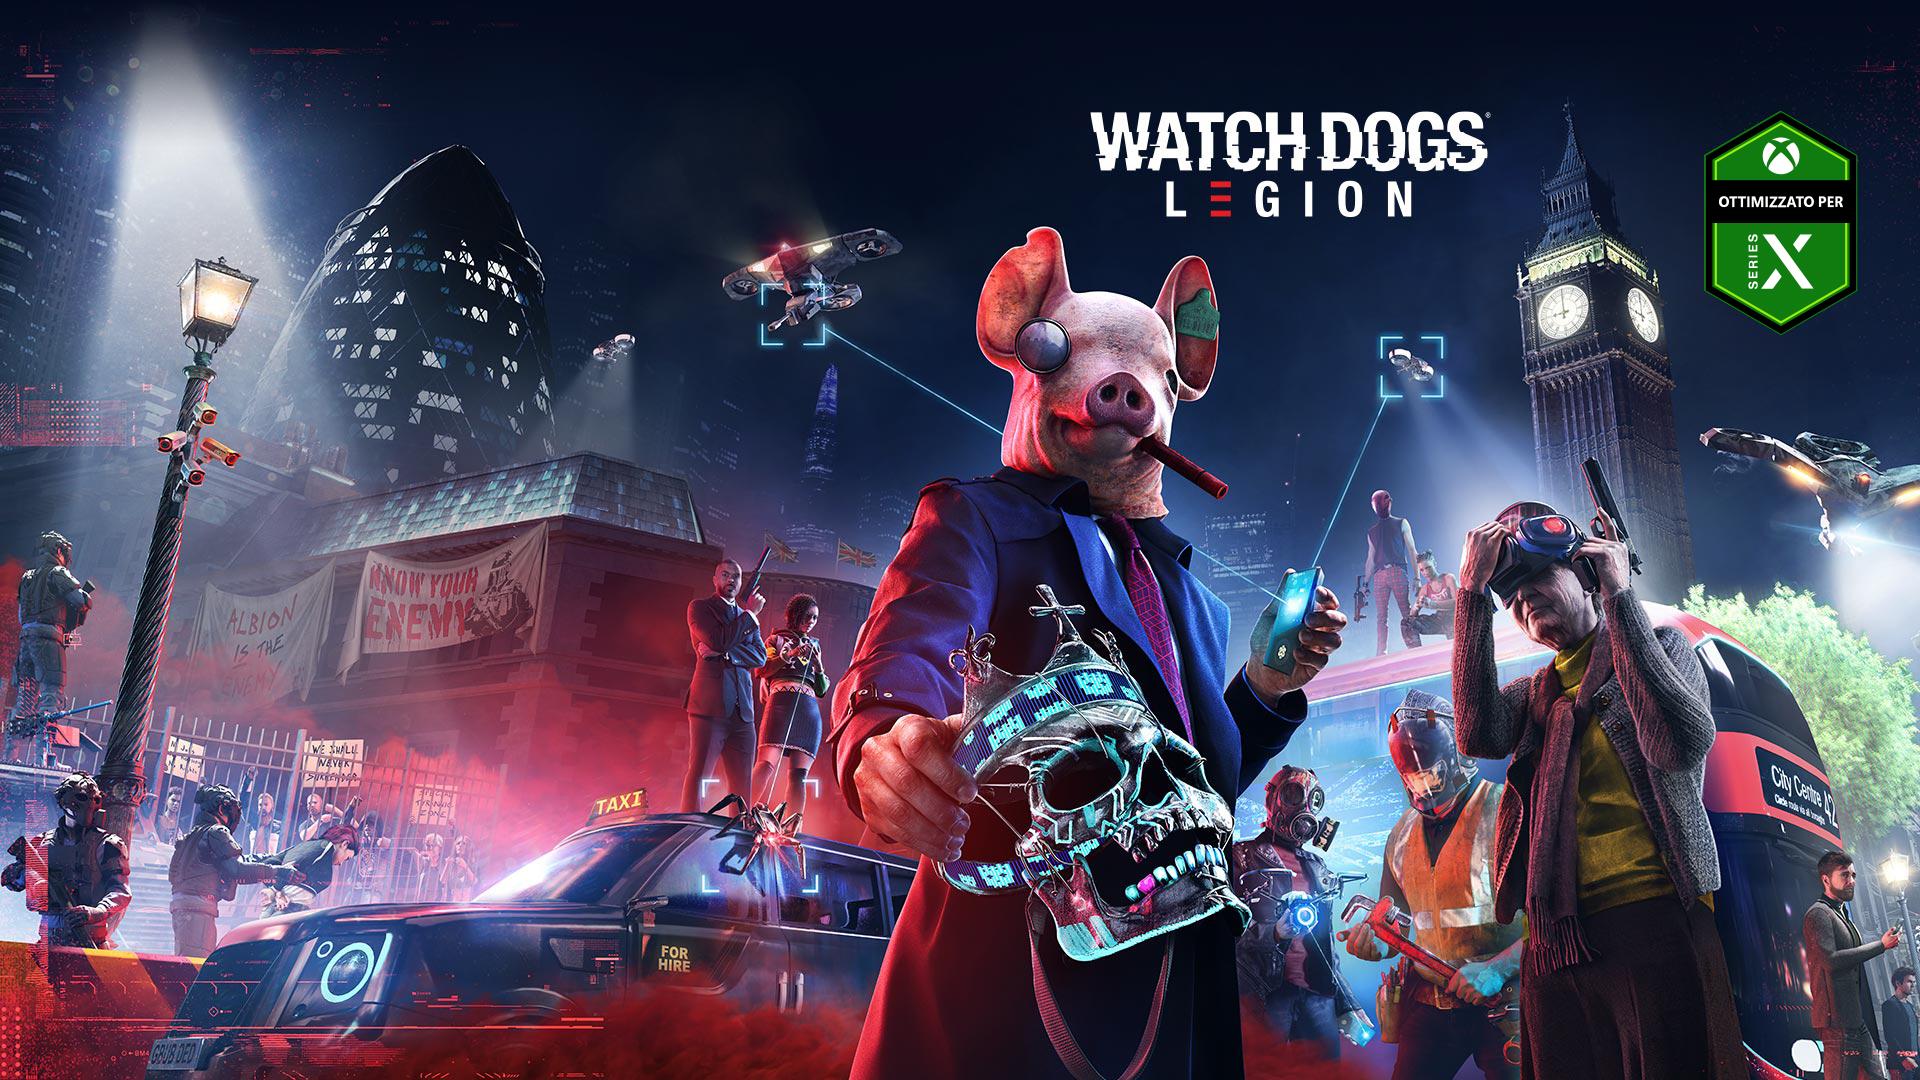 Distintivo Ottimizzato per Xbox Series X, logo di Watch Dogs Legion, una persona con una maschera da maiale che tiene in mano un teschio, due droni, il Big Ben e diversi altri personaggi armati